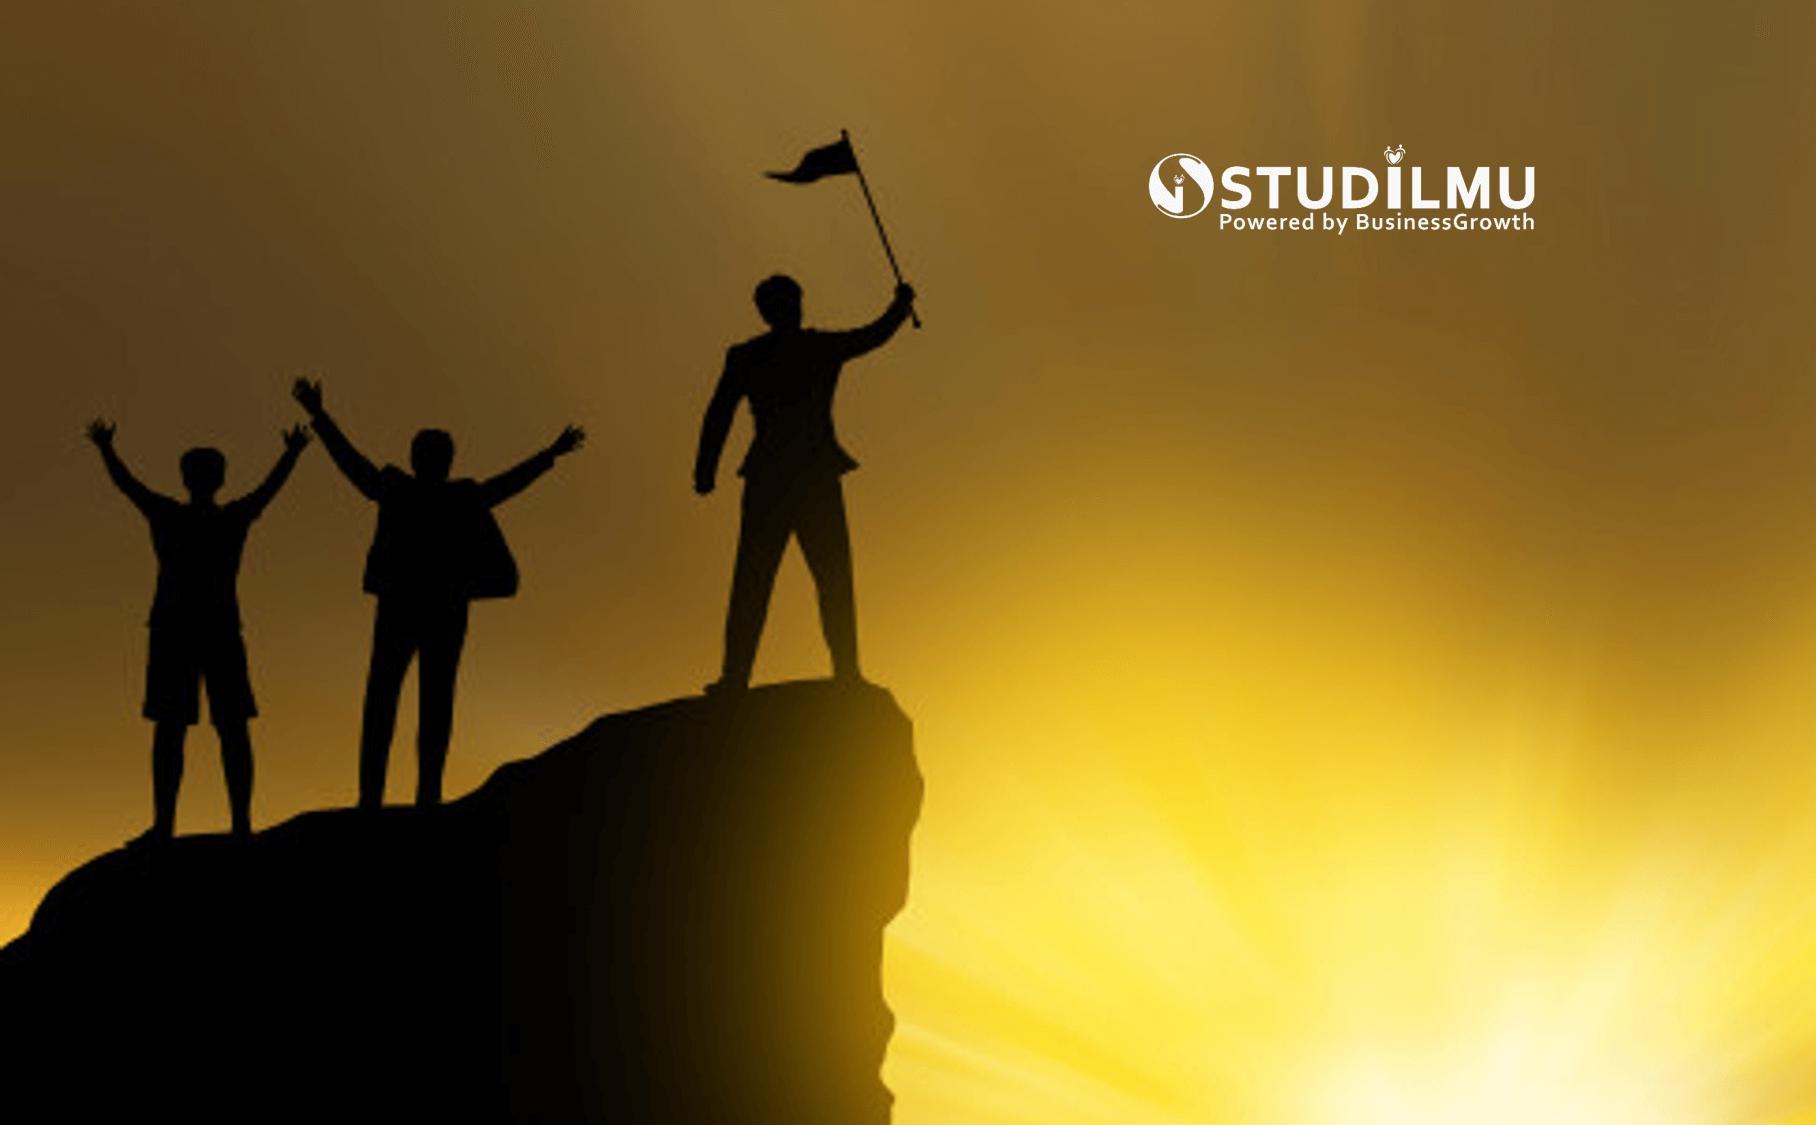 STUDILMU Career Advice - 6 Langkah Utama untuk Tetap Mempertahankan Motivasi Hidup